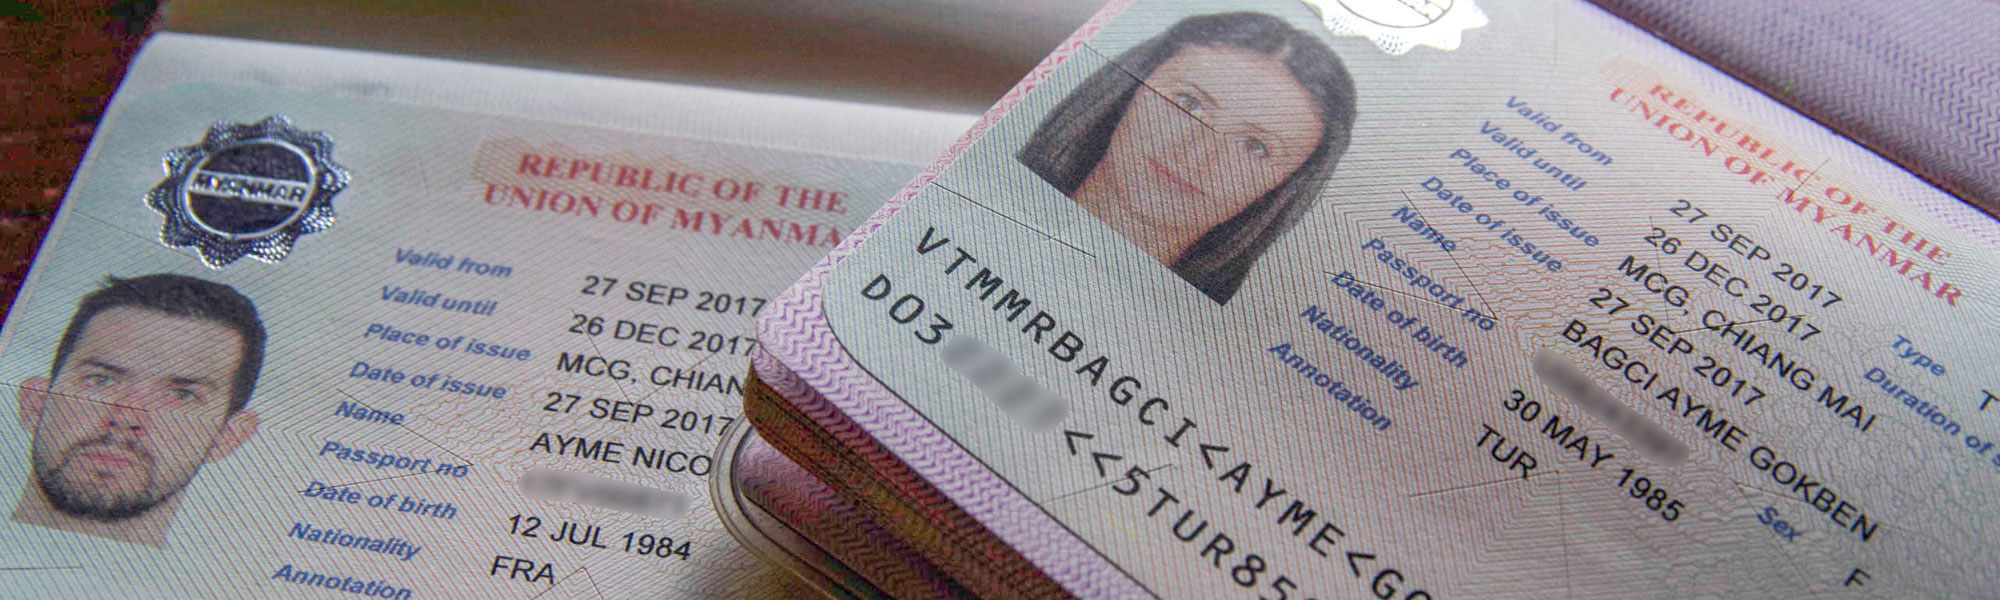 Myanmar vizesi nasıl alınır ?